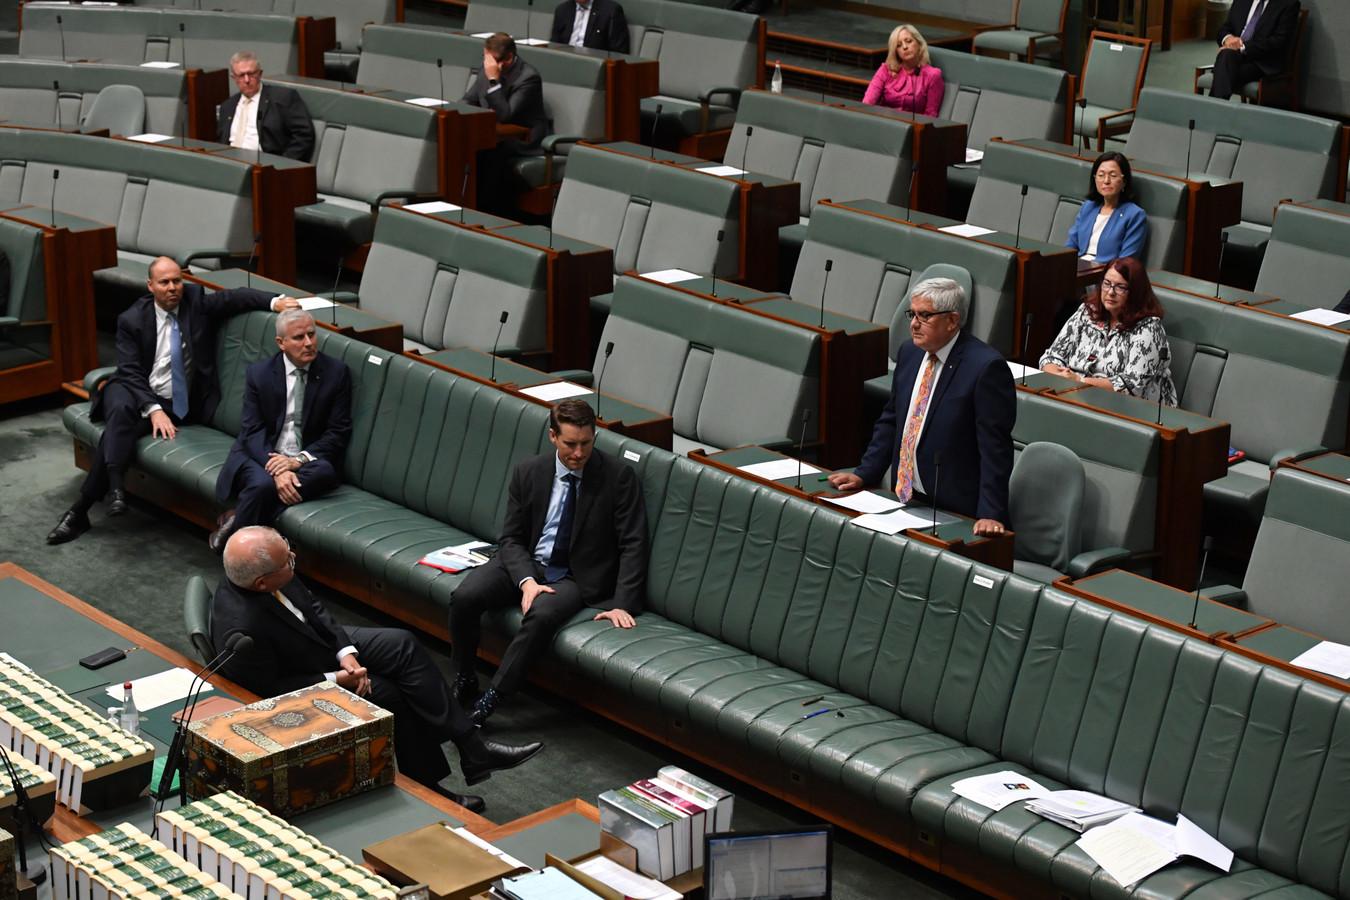 Photo d'illustration du Parlement en Australie.